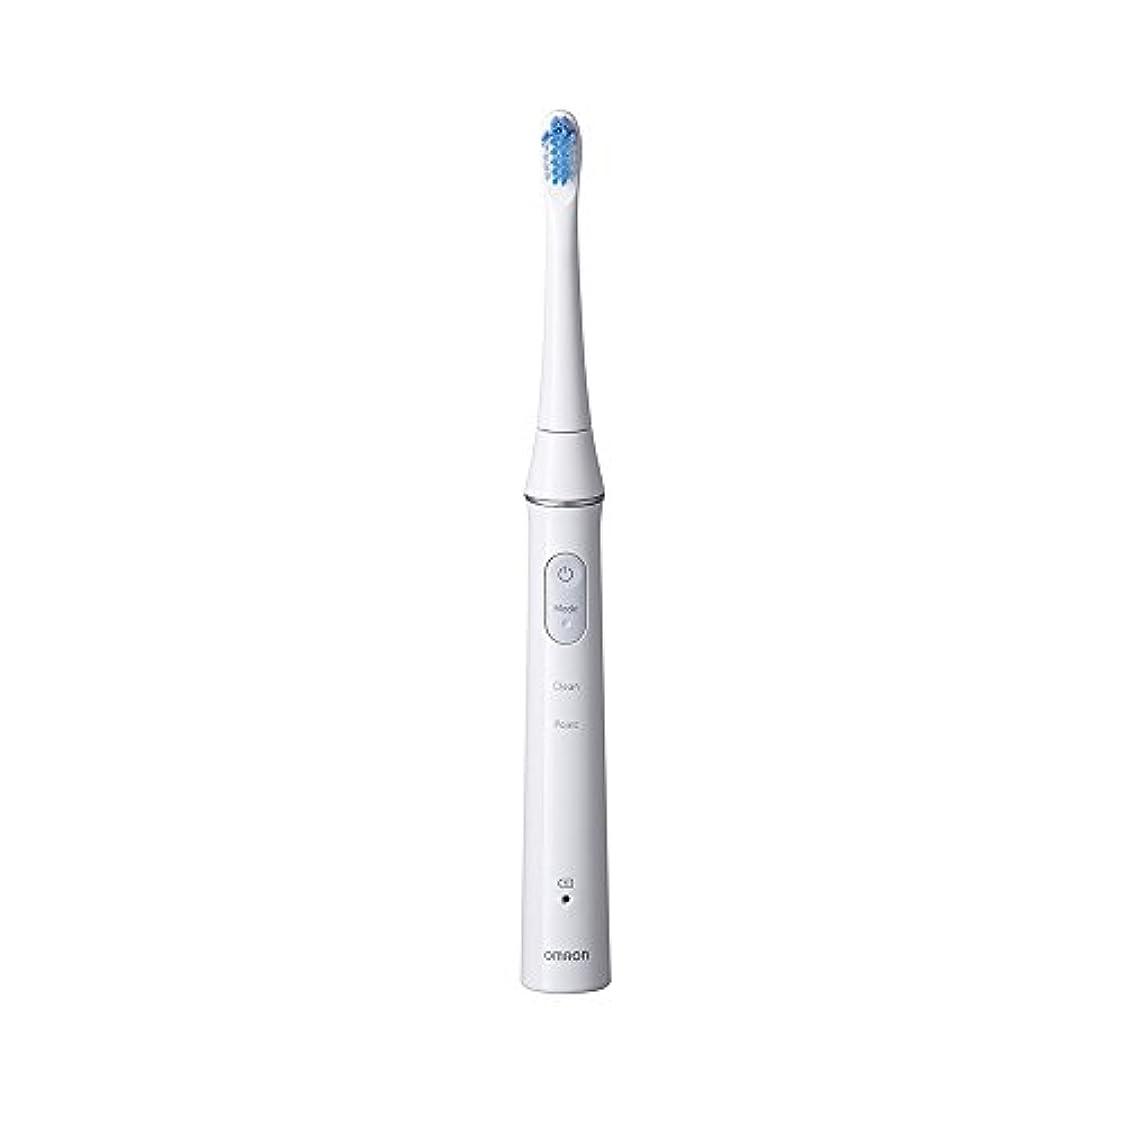 パテ取るに足らないバーストオムロン音波式電動歯ブラシ HT-B313-W